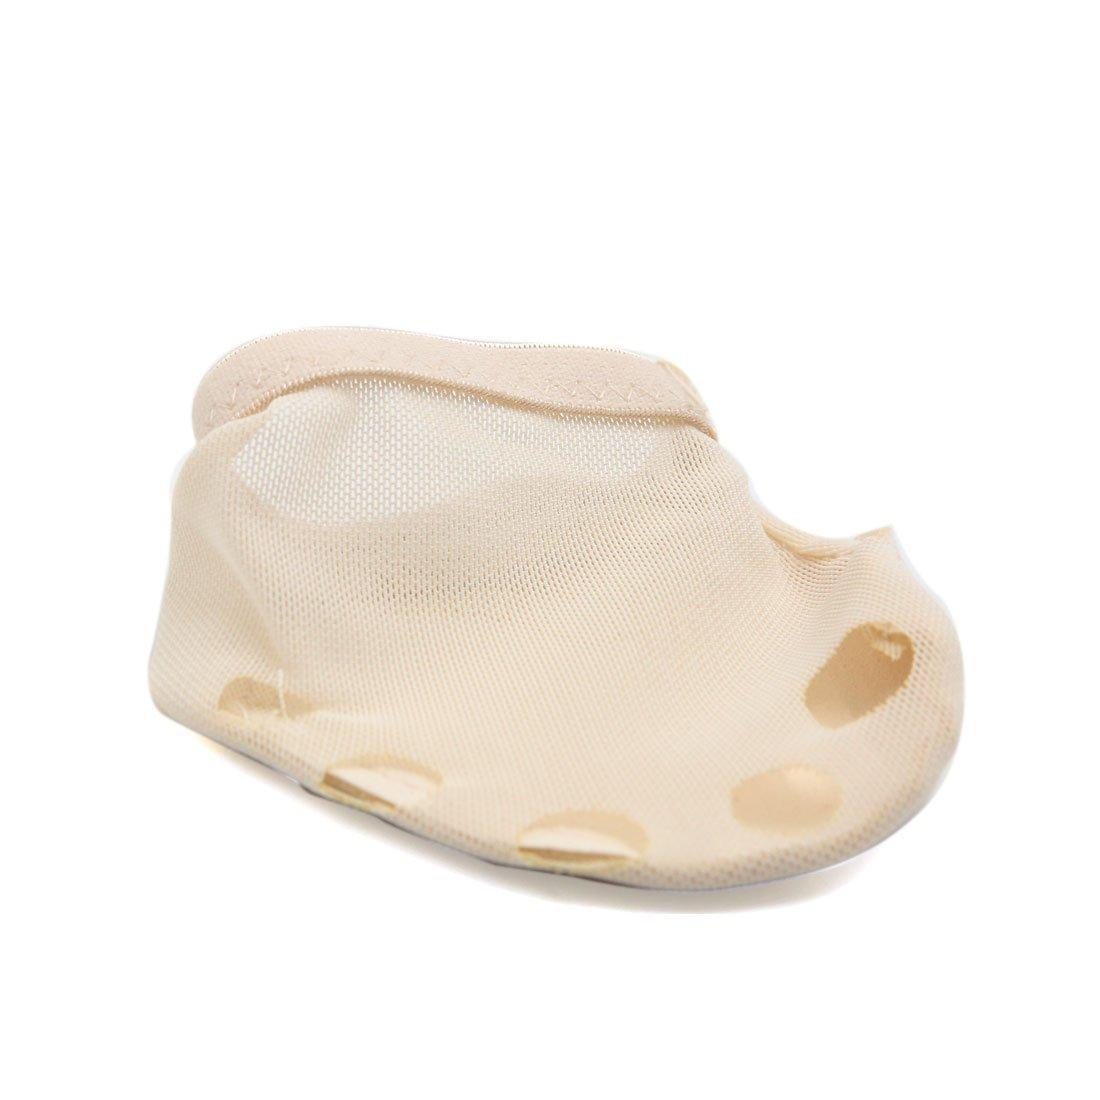 Amazon.com: eDealMax 1 par Tamaño M Dancewear de Ballet del dedo del Pie de Split Sole antepié pad Protectores de colchón Protector Para Damas: Health ...